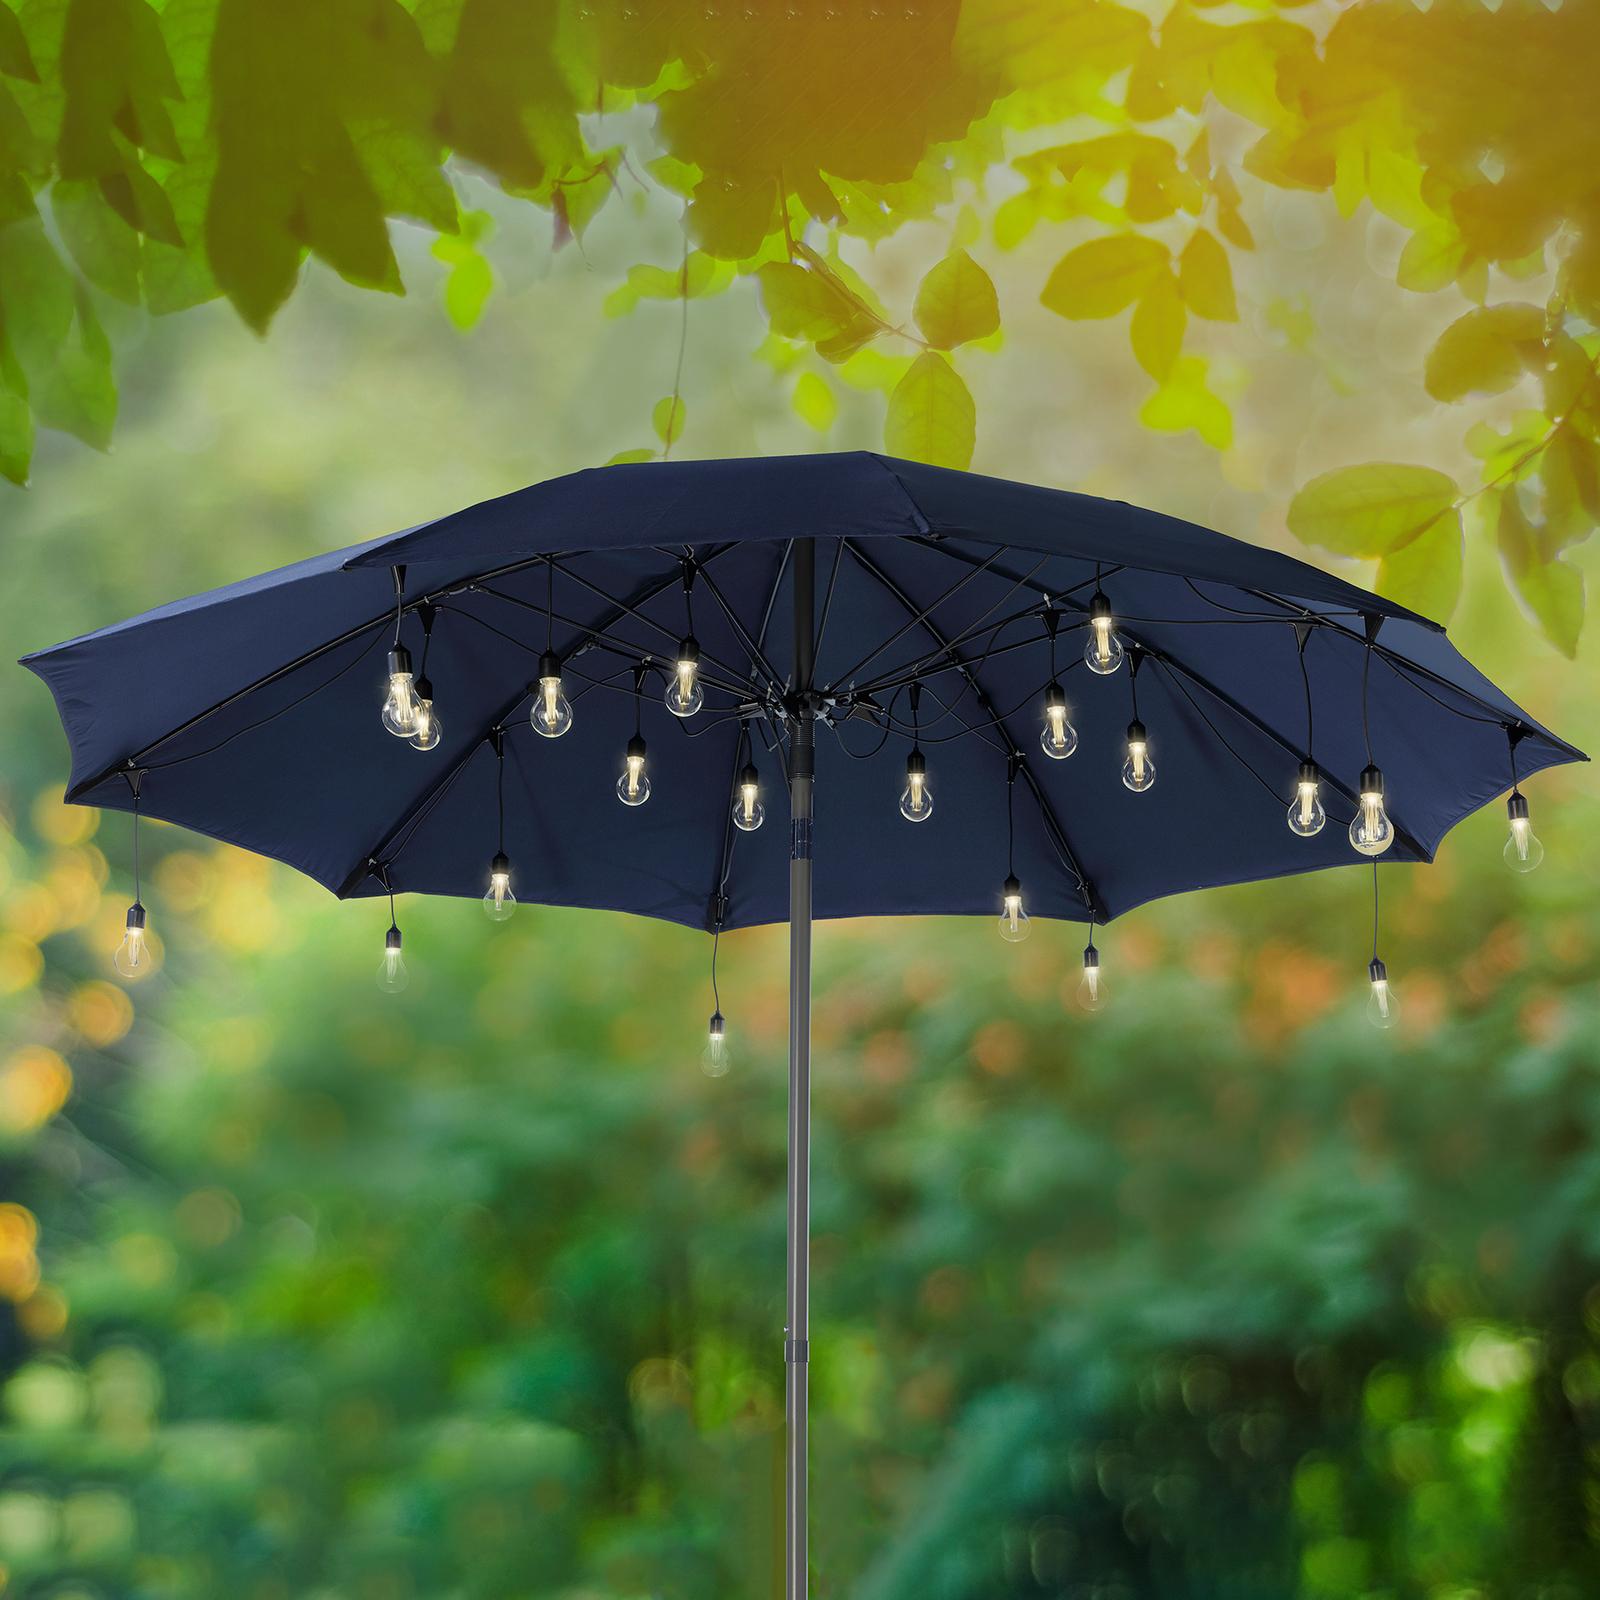 LED-Lichterkette 490145 für Sonnenschirme Filament